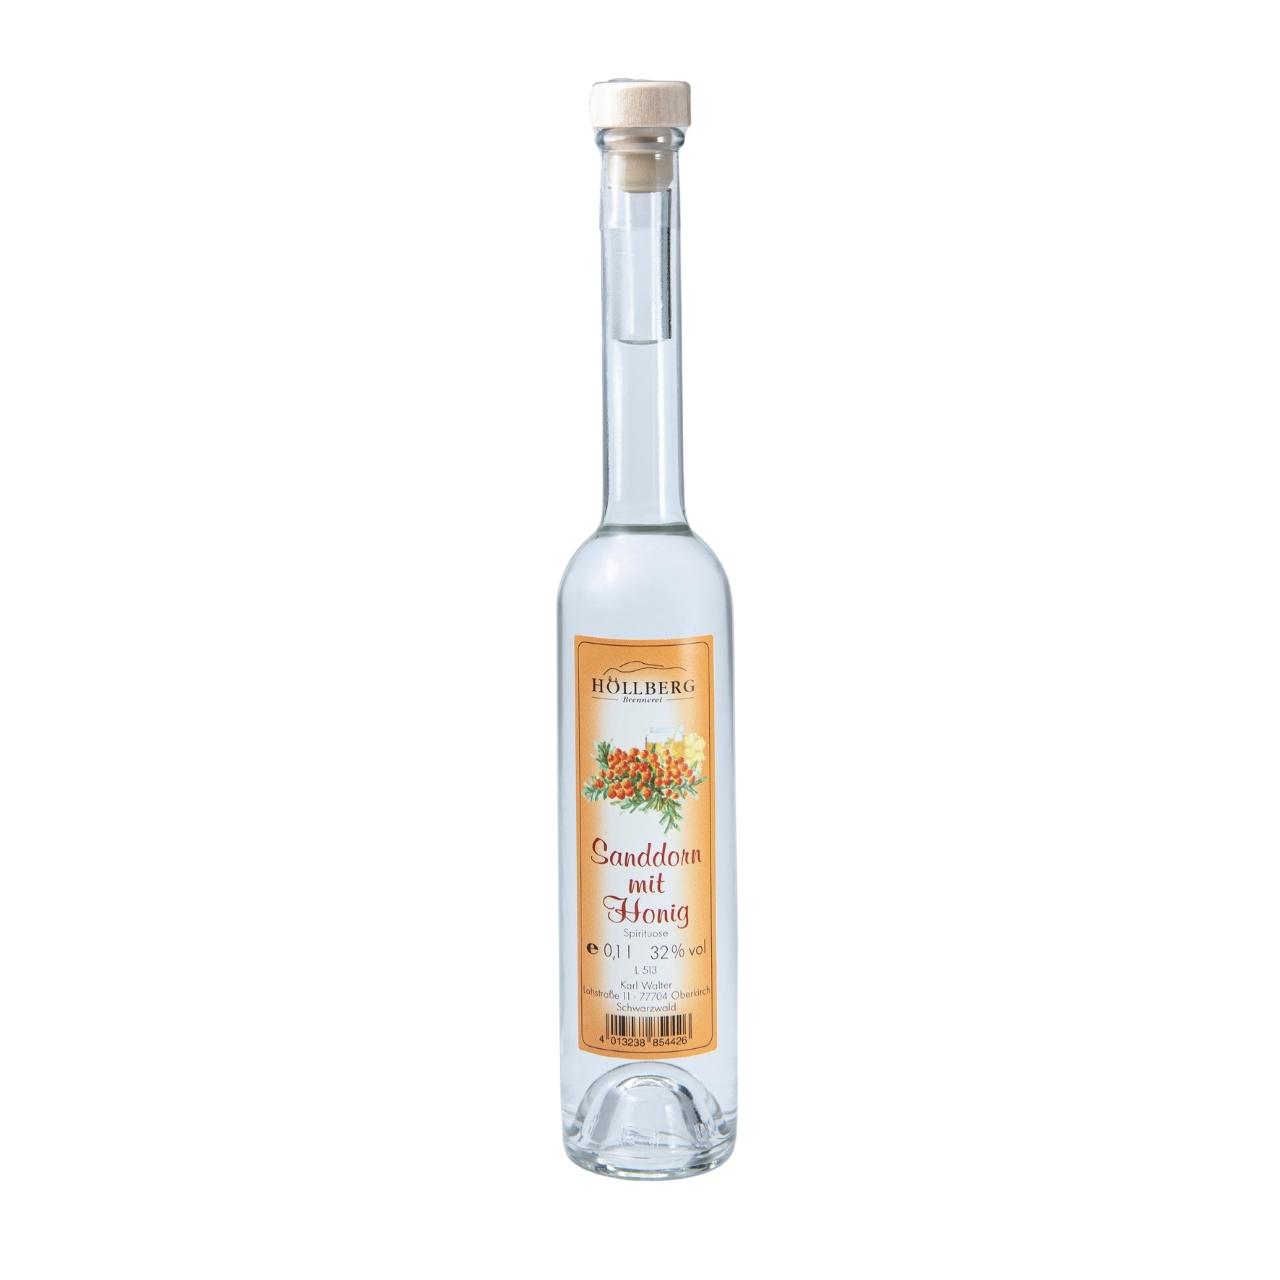 0,1 Liter Platinflasche Höllberg Sanddorn mit Honig